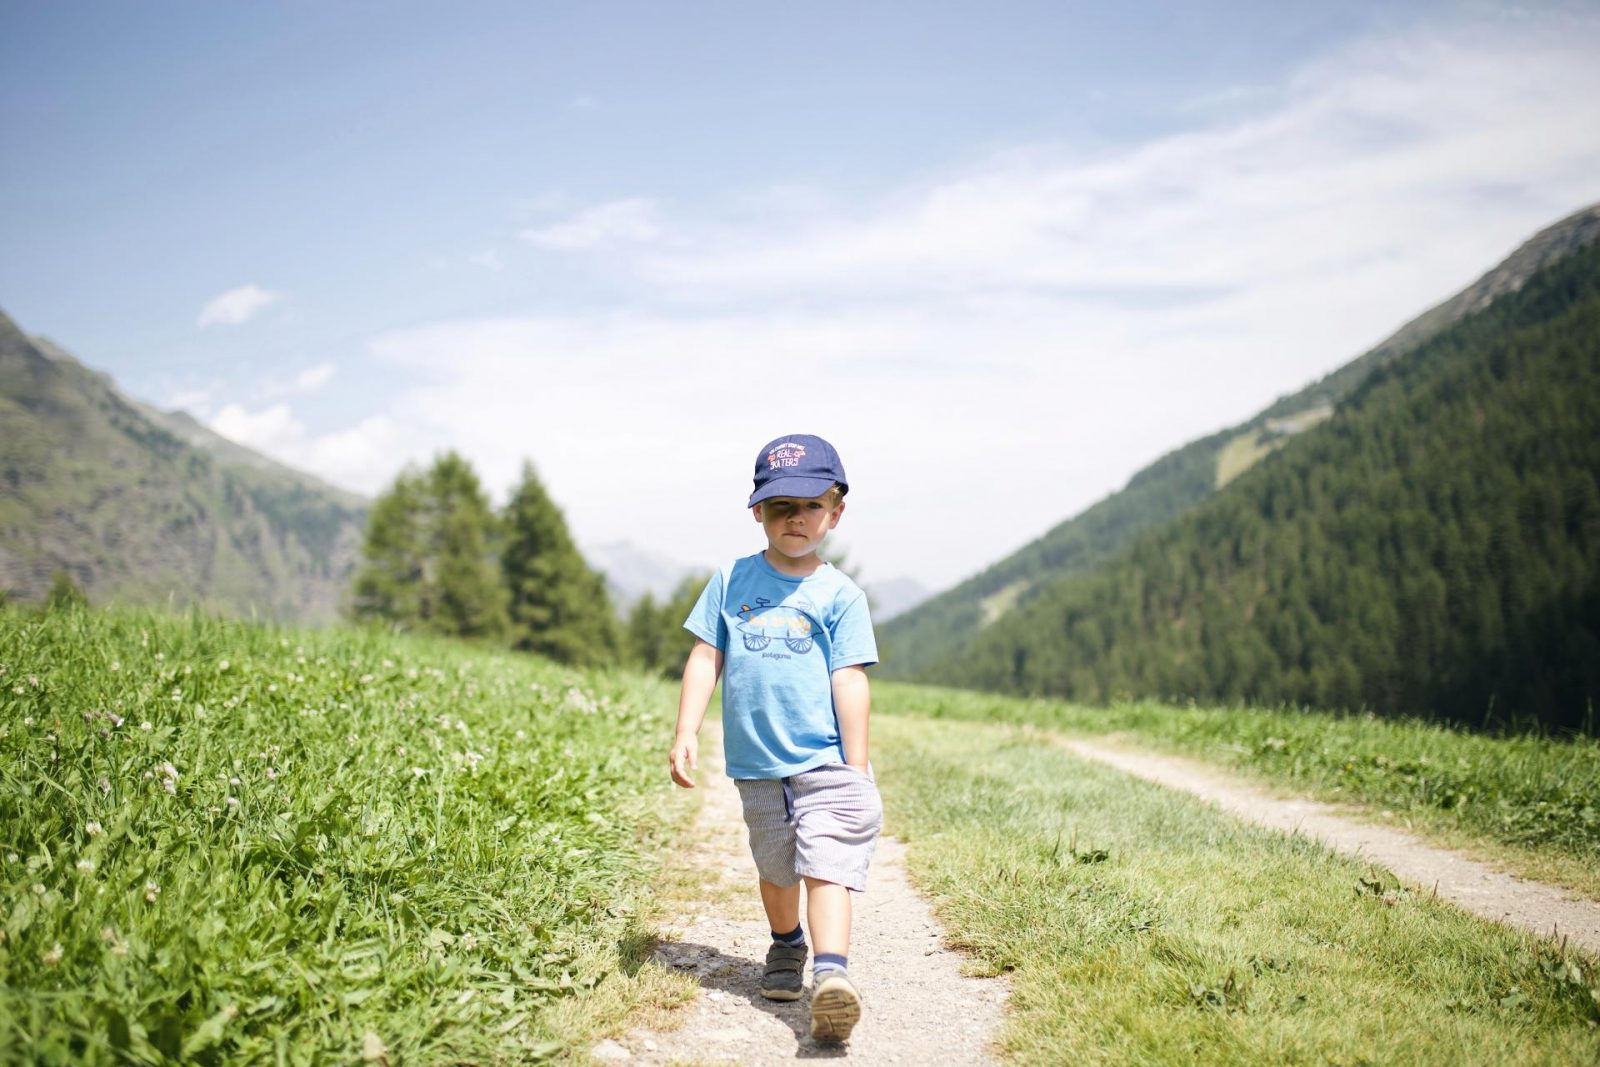 Hallo Abenteuer! Unser erster Camper-Roadtrip mit Baby und Kleinkind Teil 2 | #campingmitderfamilie #familienurlaub #slowfamily #naturefirst #erlebnisurlaub | Pinspiration